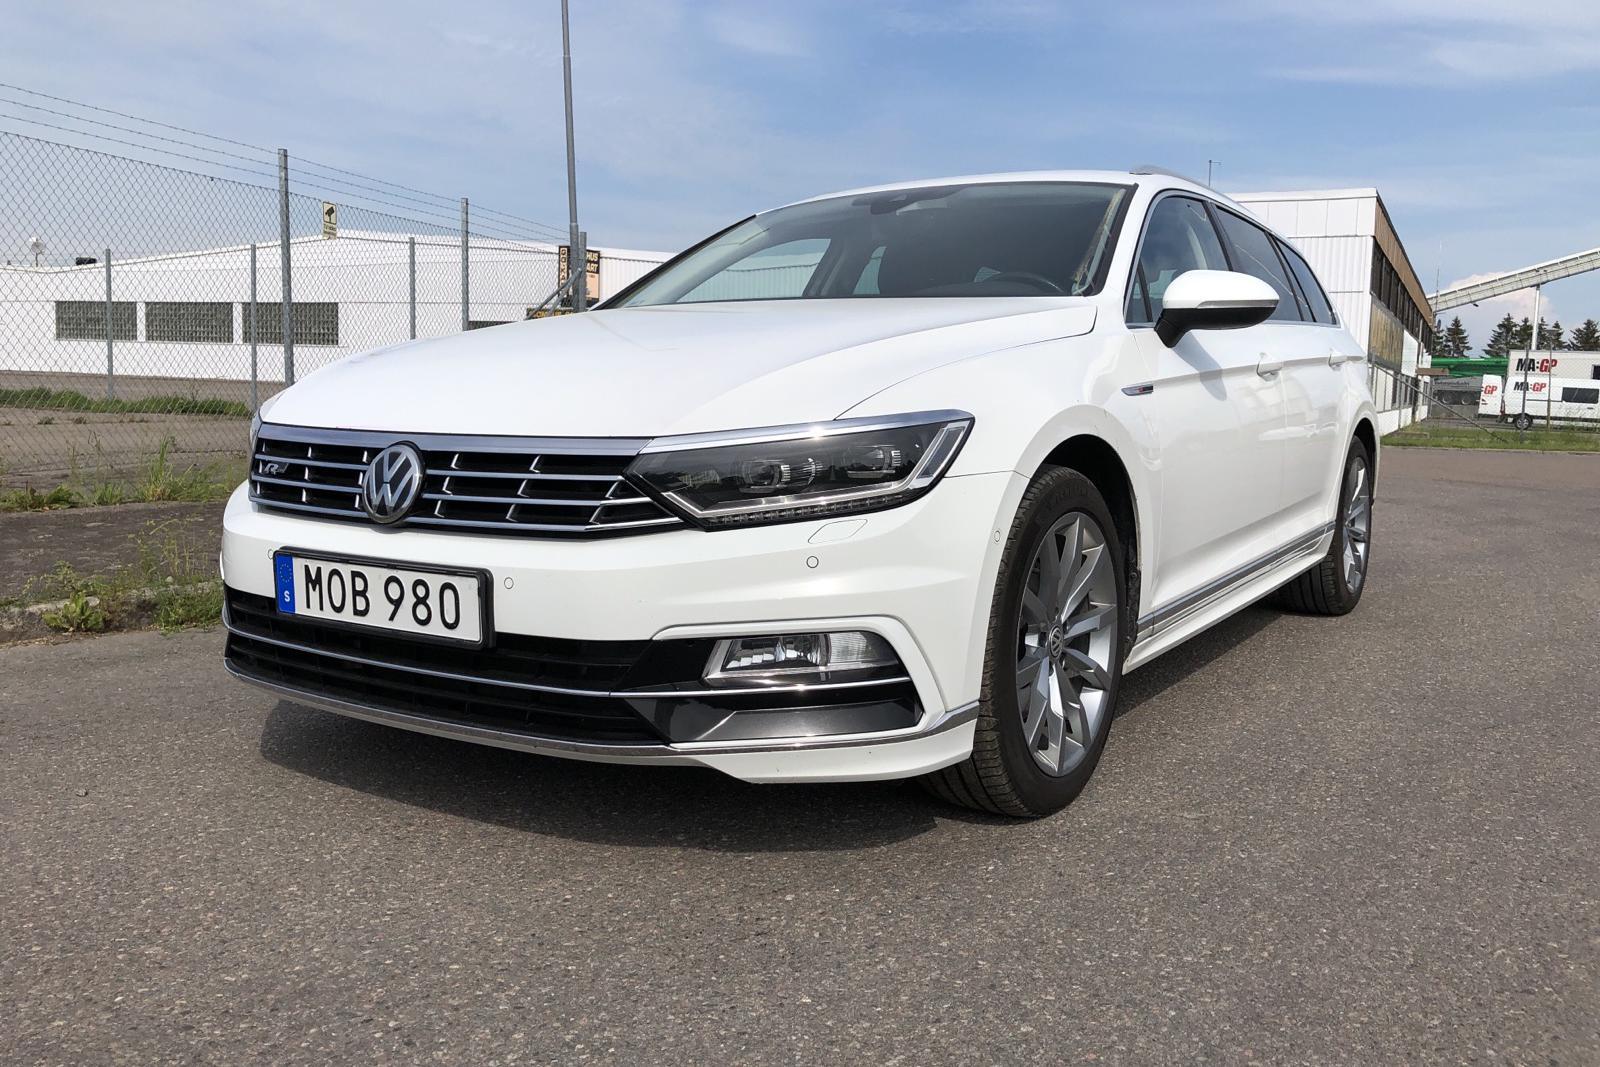 VW Passat 2.0 TDI Sportscombi 4MOTION (190hk) - 10 396 mil - Automat - vit - 2018